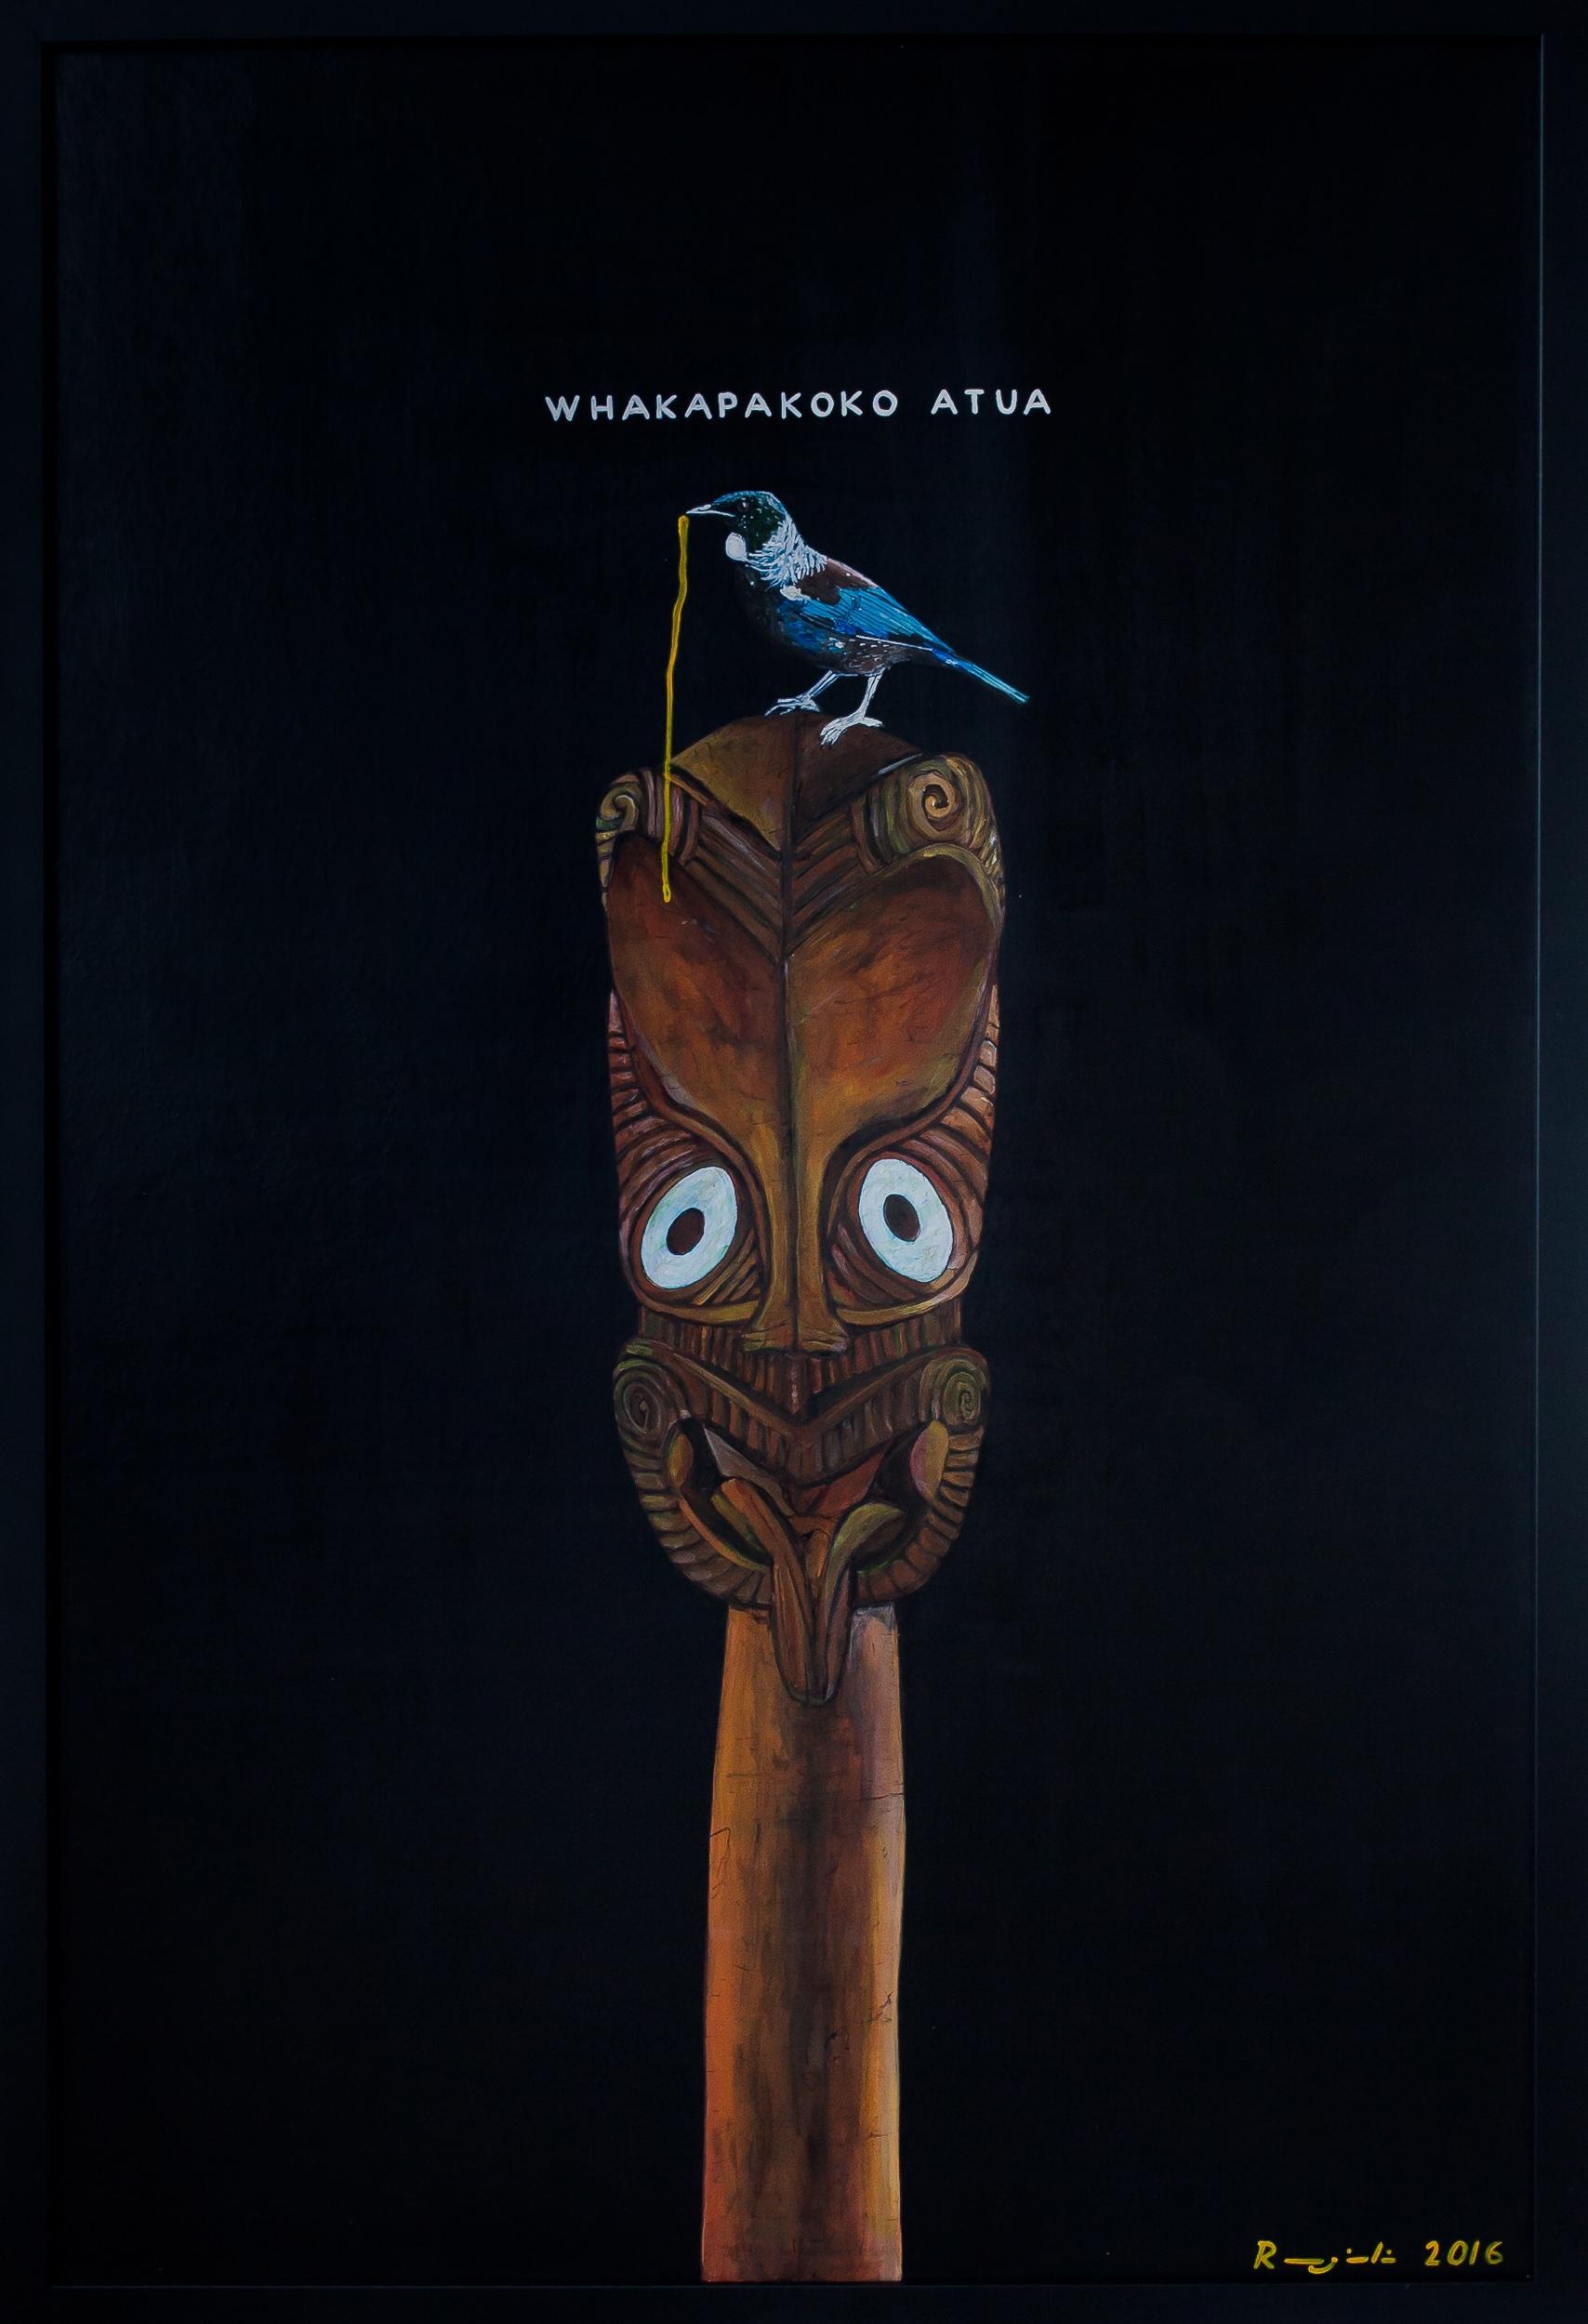 Whakapakoko atua